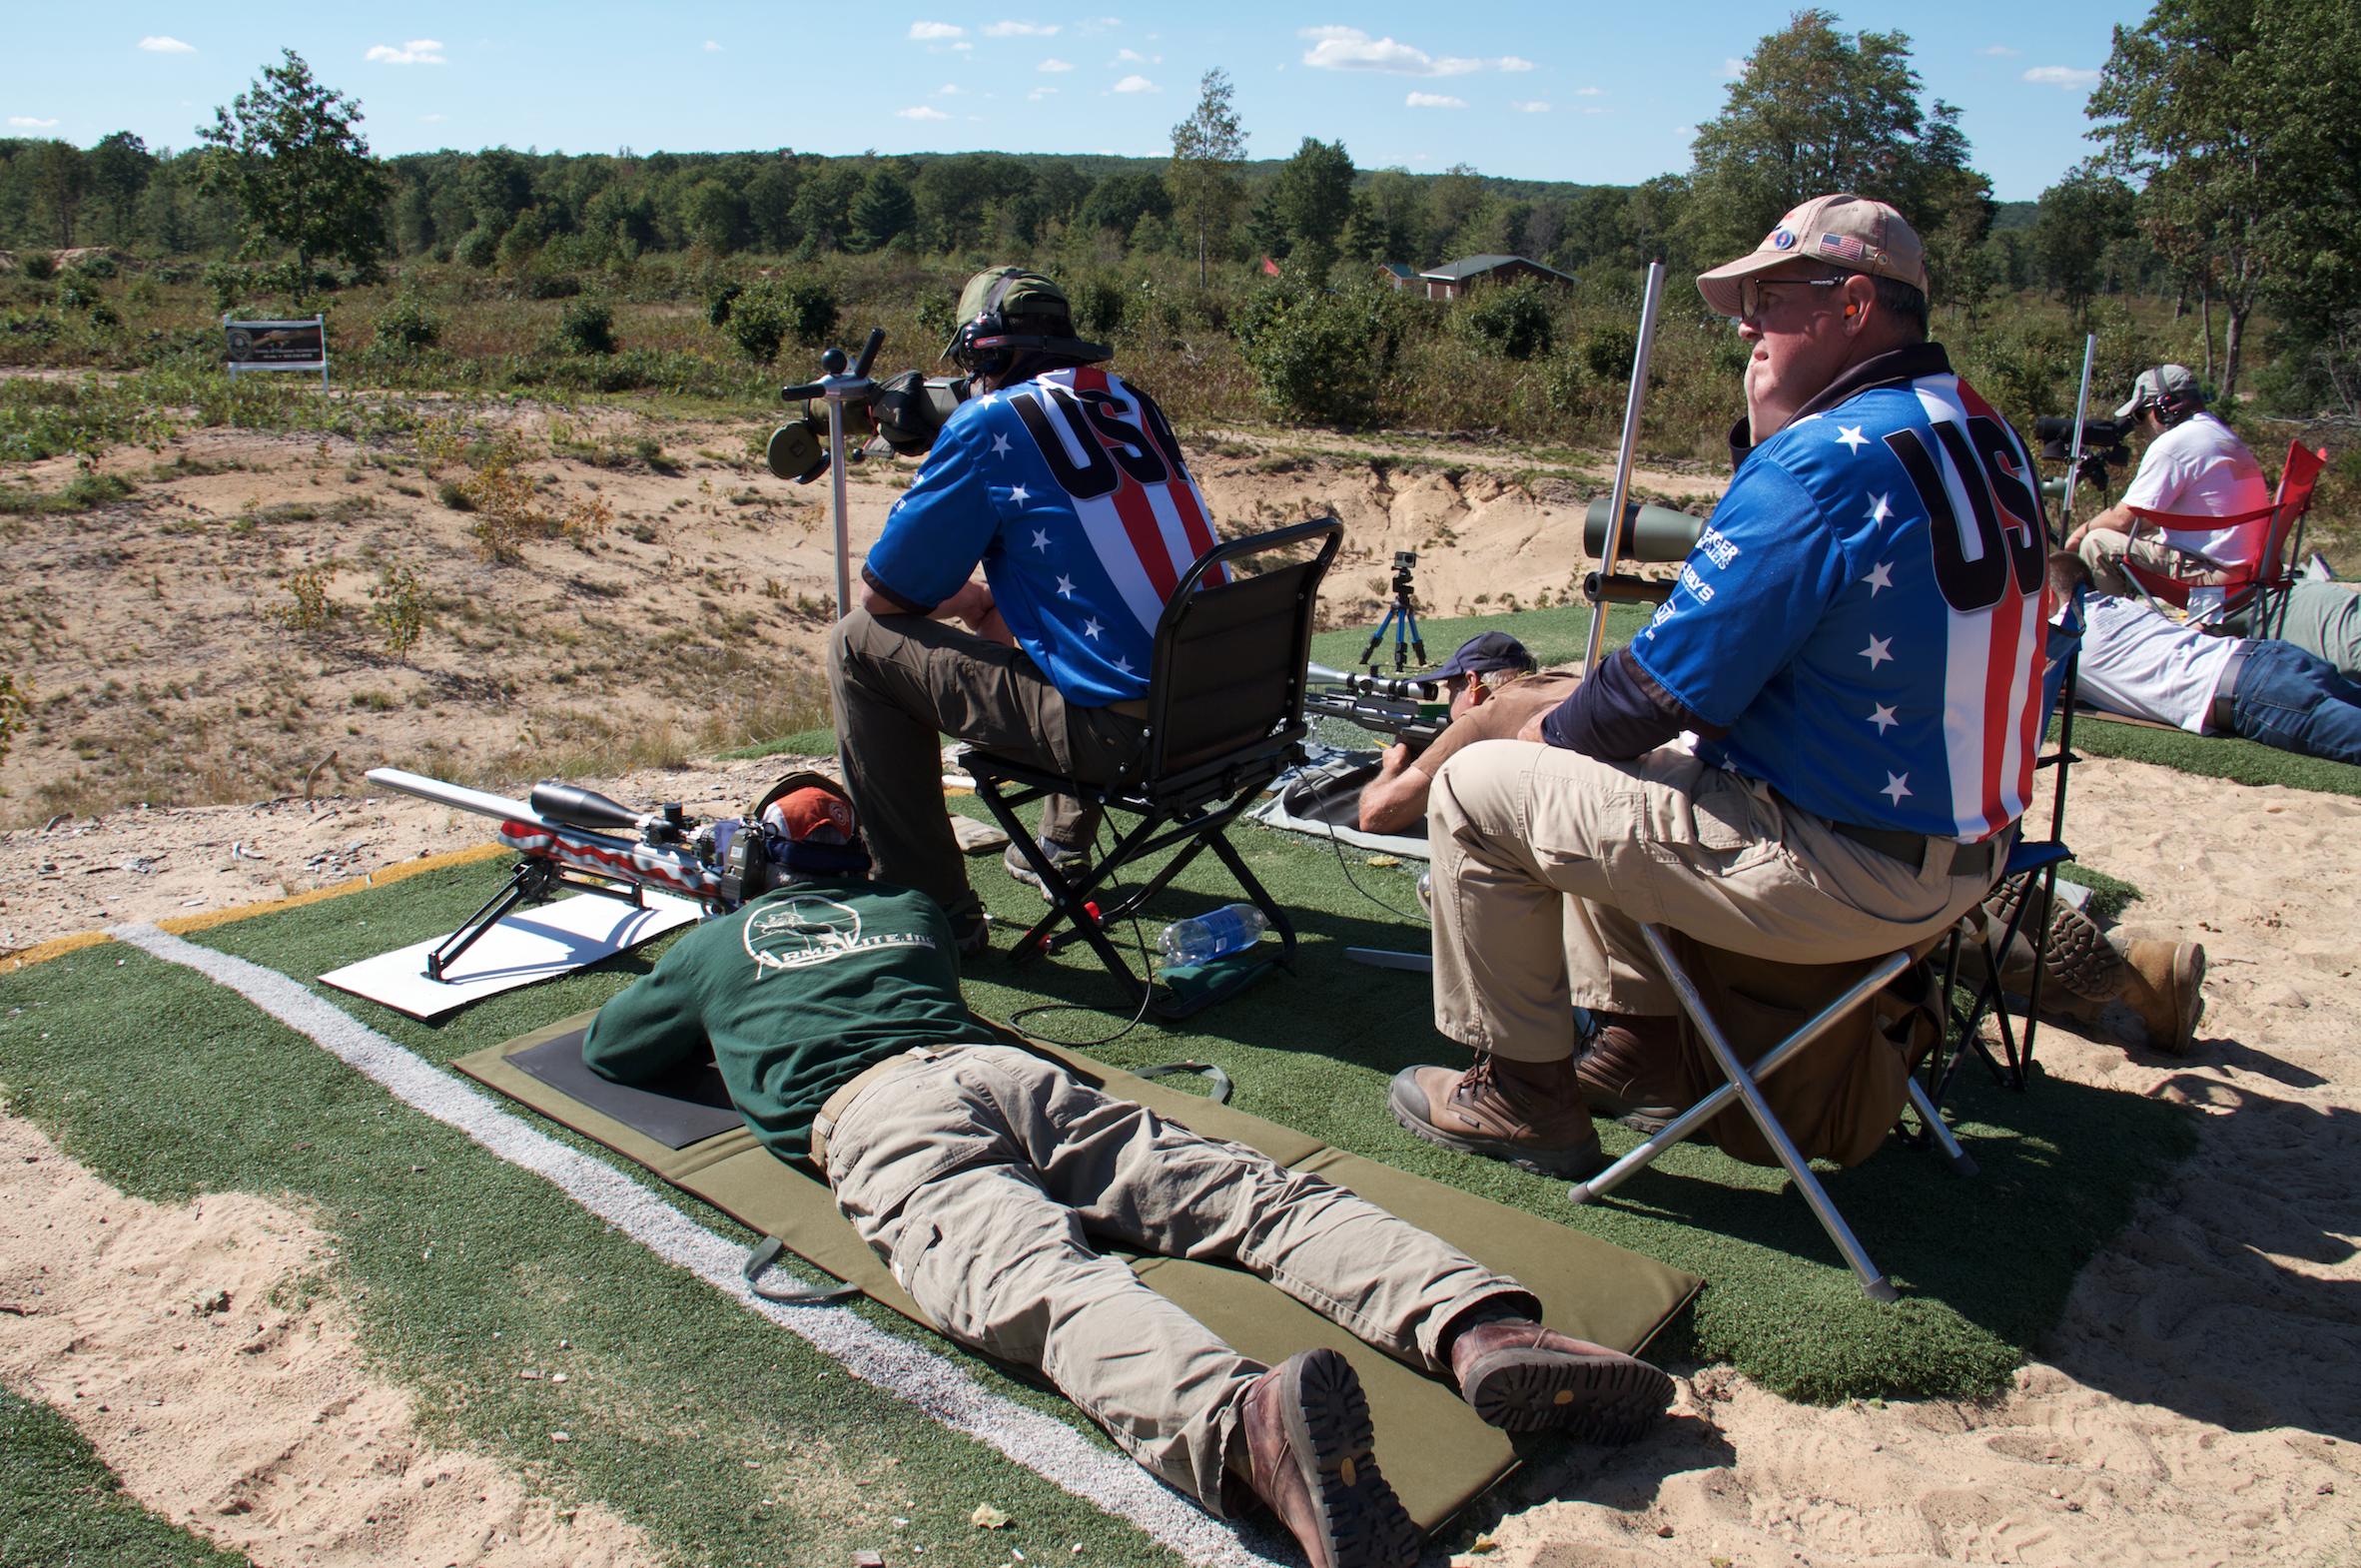 US Team Practice at MTC